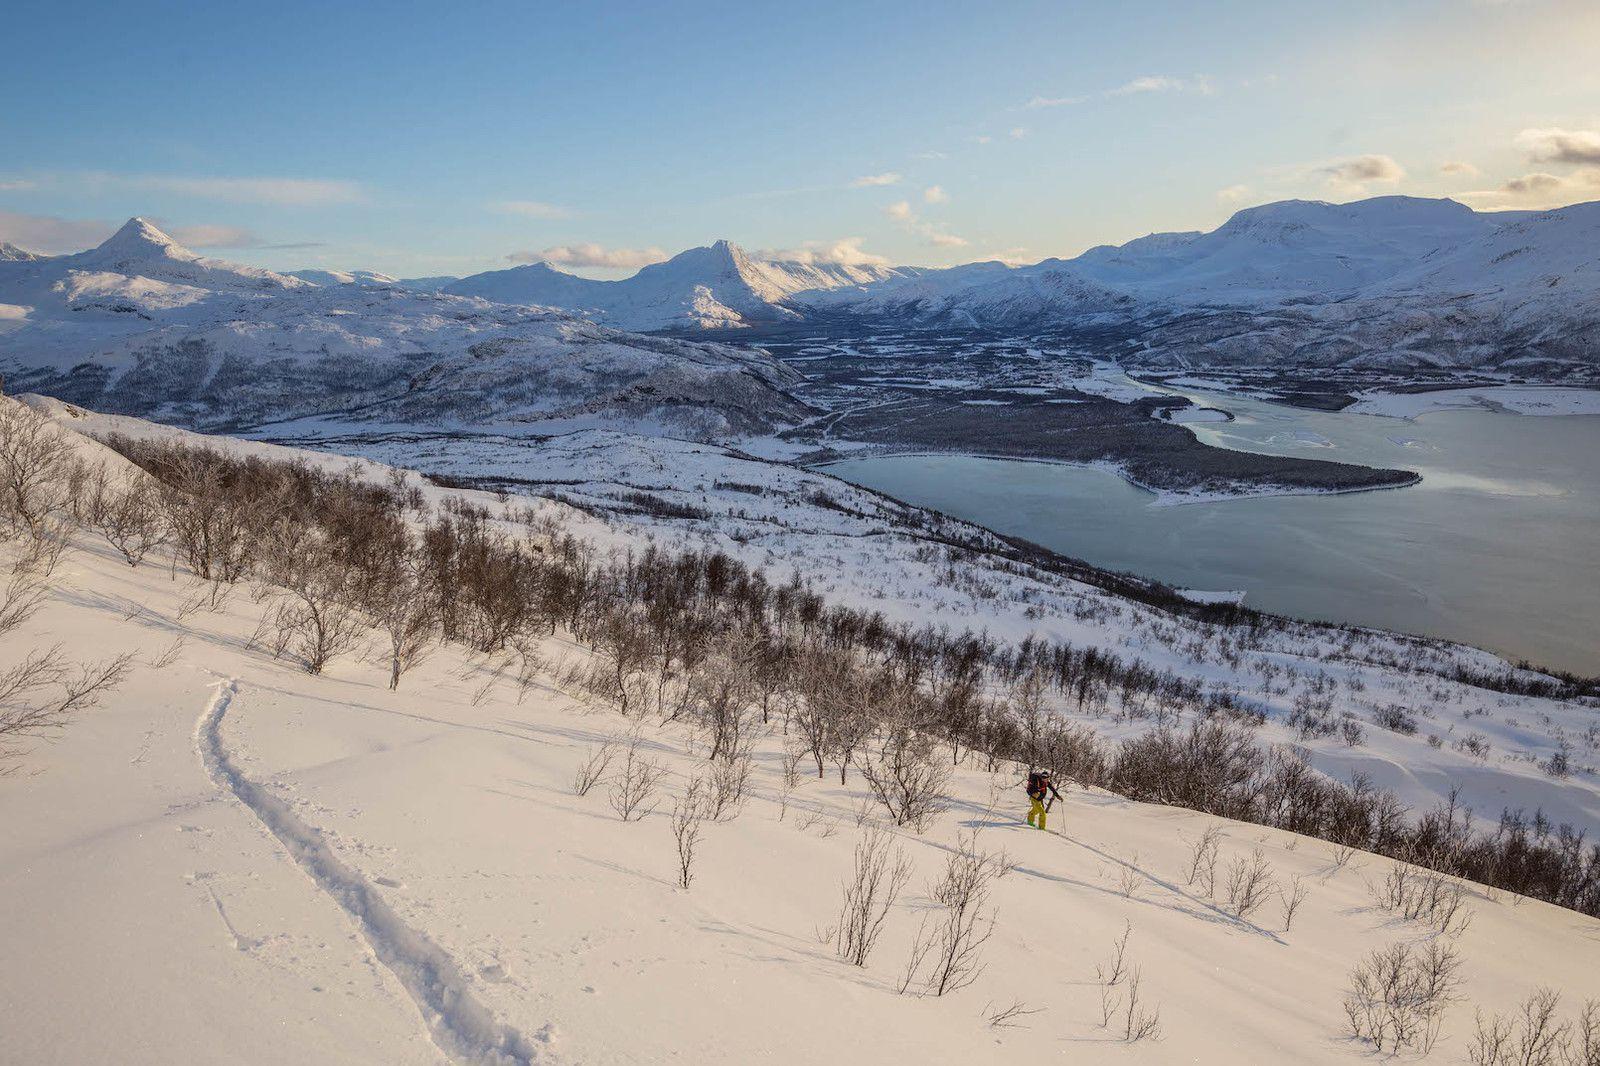 Ski de grande qualité sur cette petite bosse (le Nordkjosfjellet)